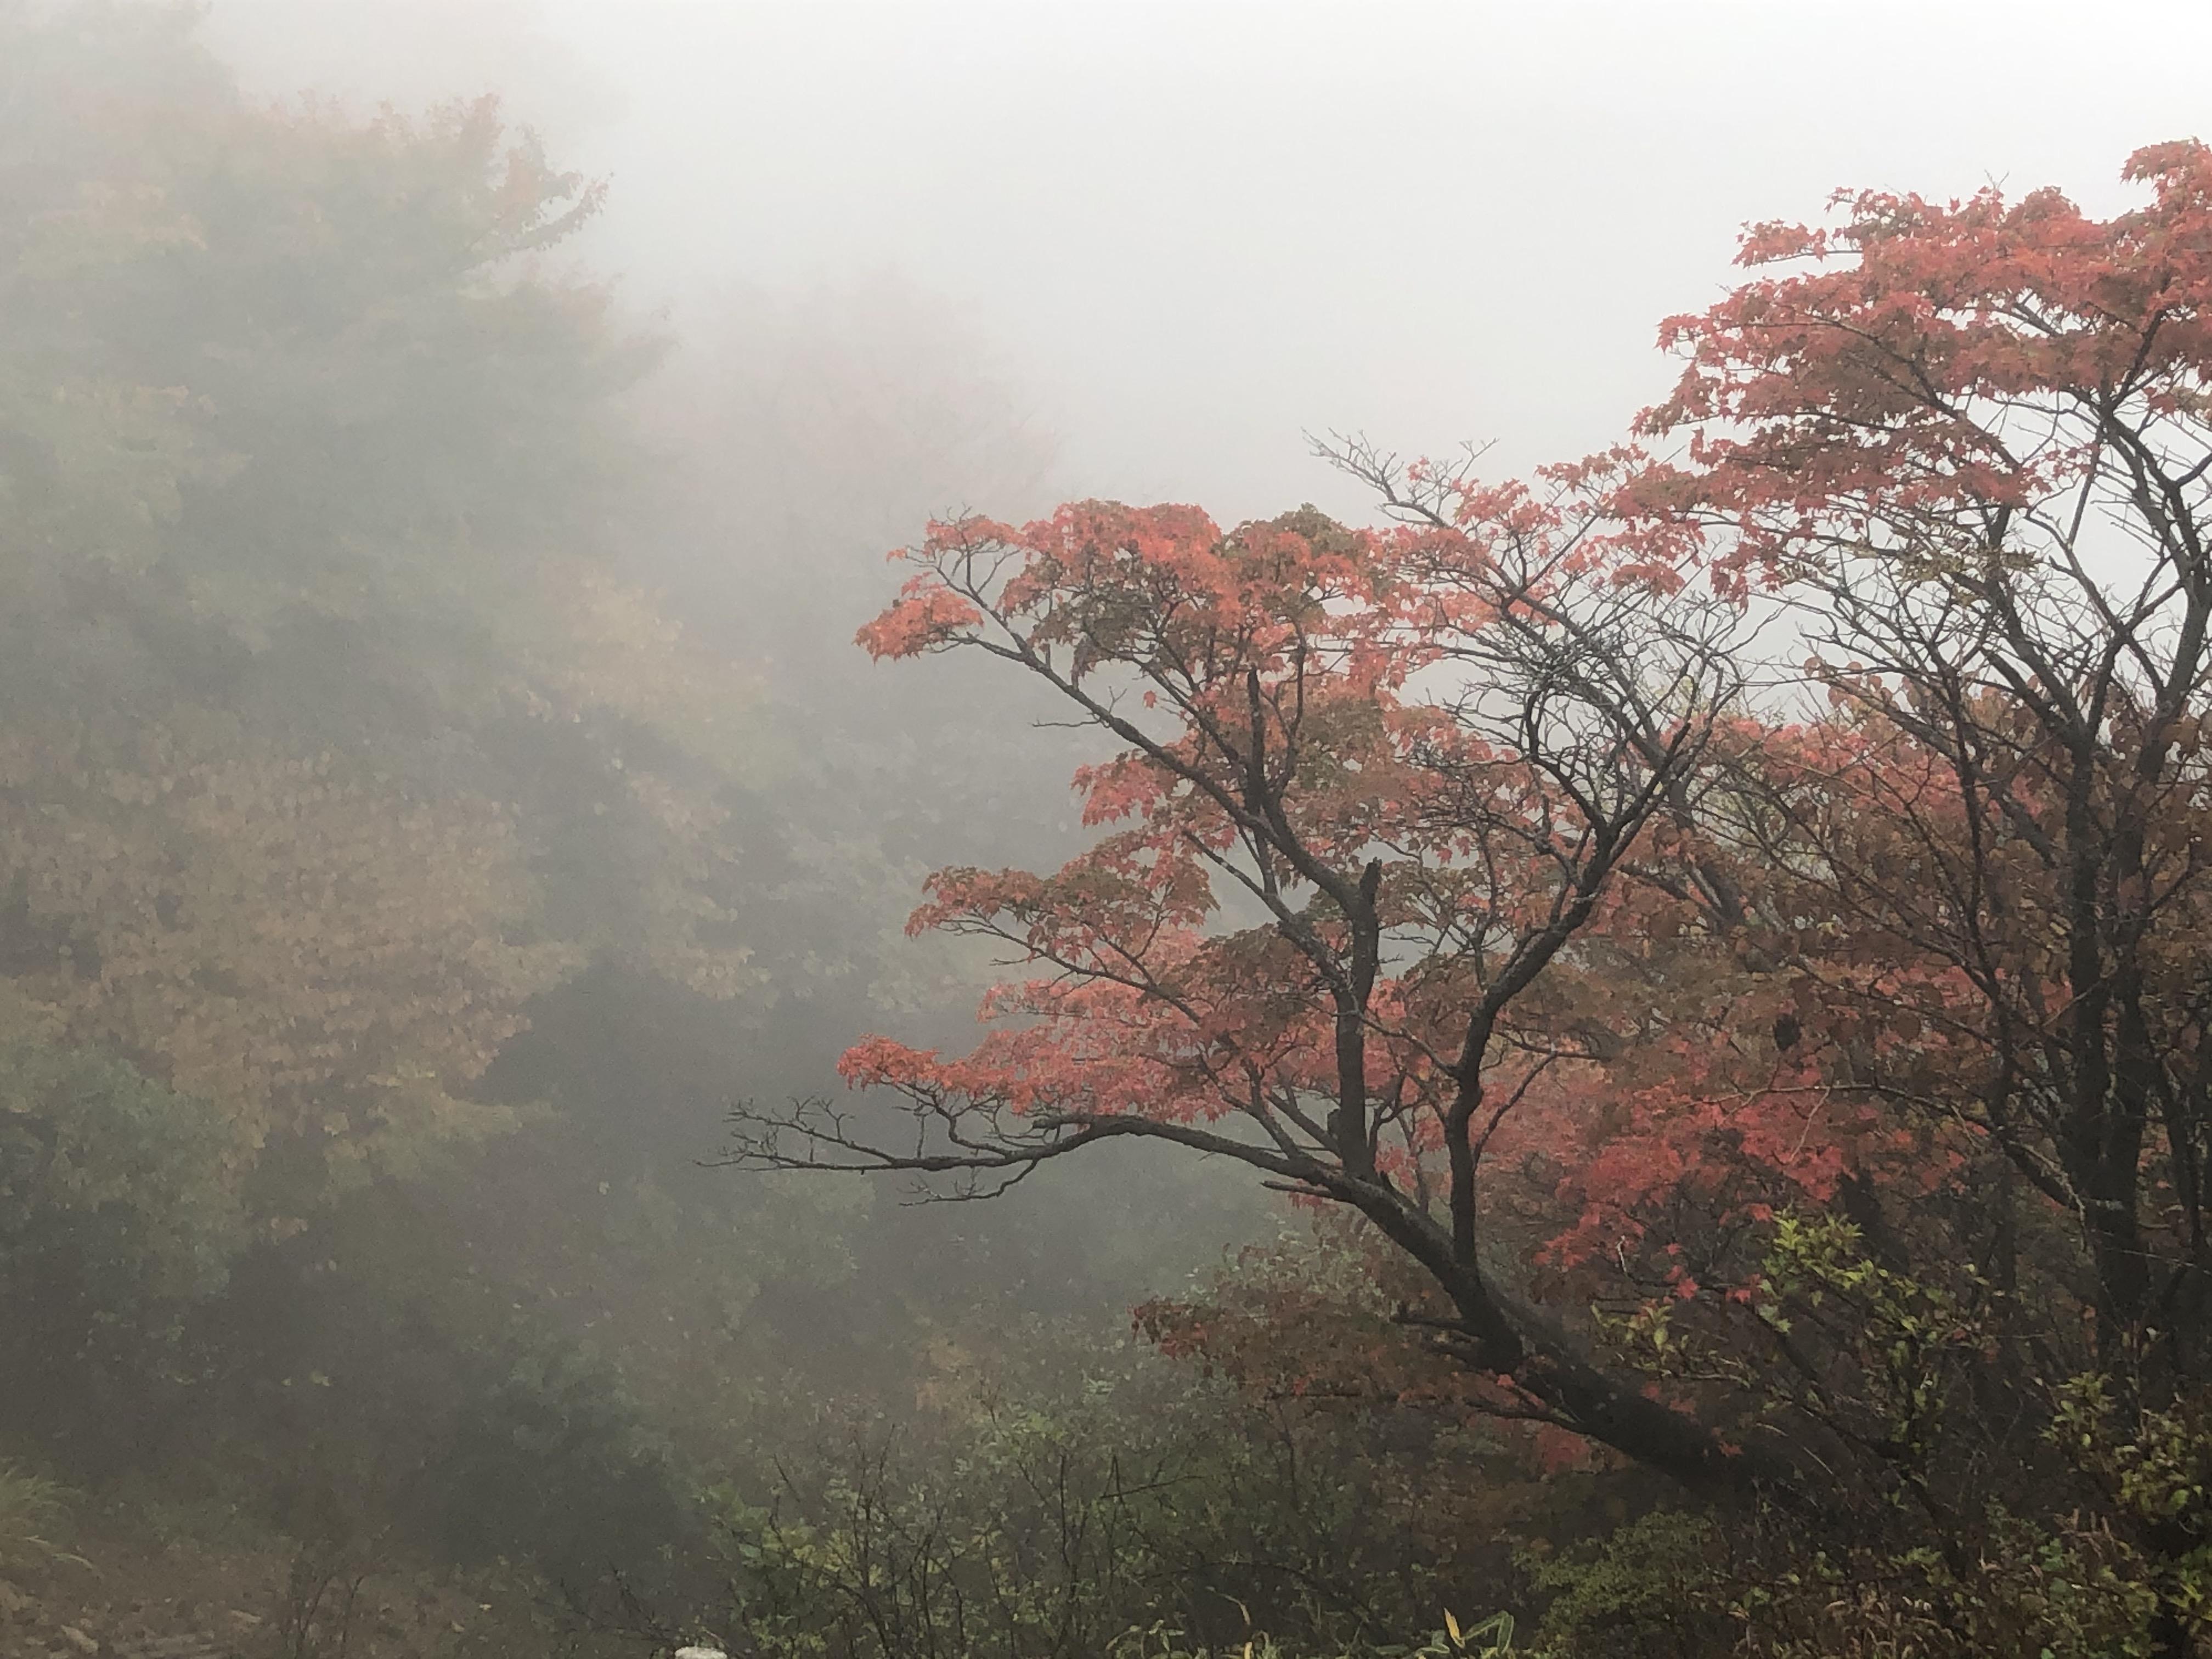 九重山(1,791m)の登頂記録〜日本百名山59座目〜